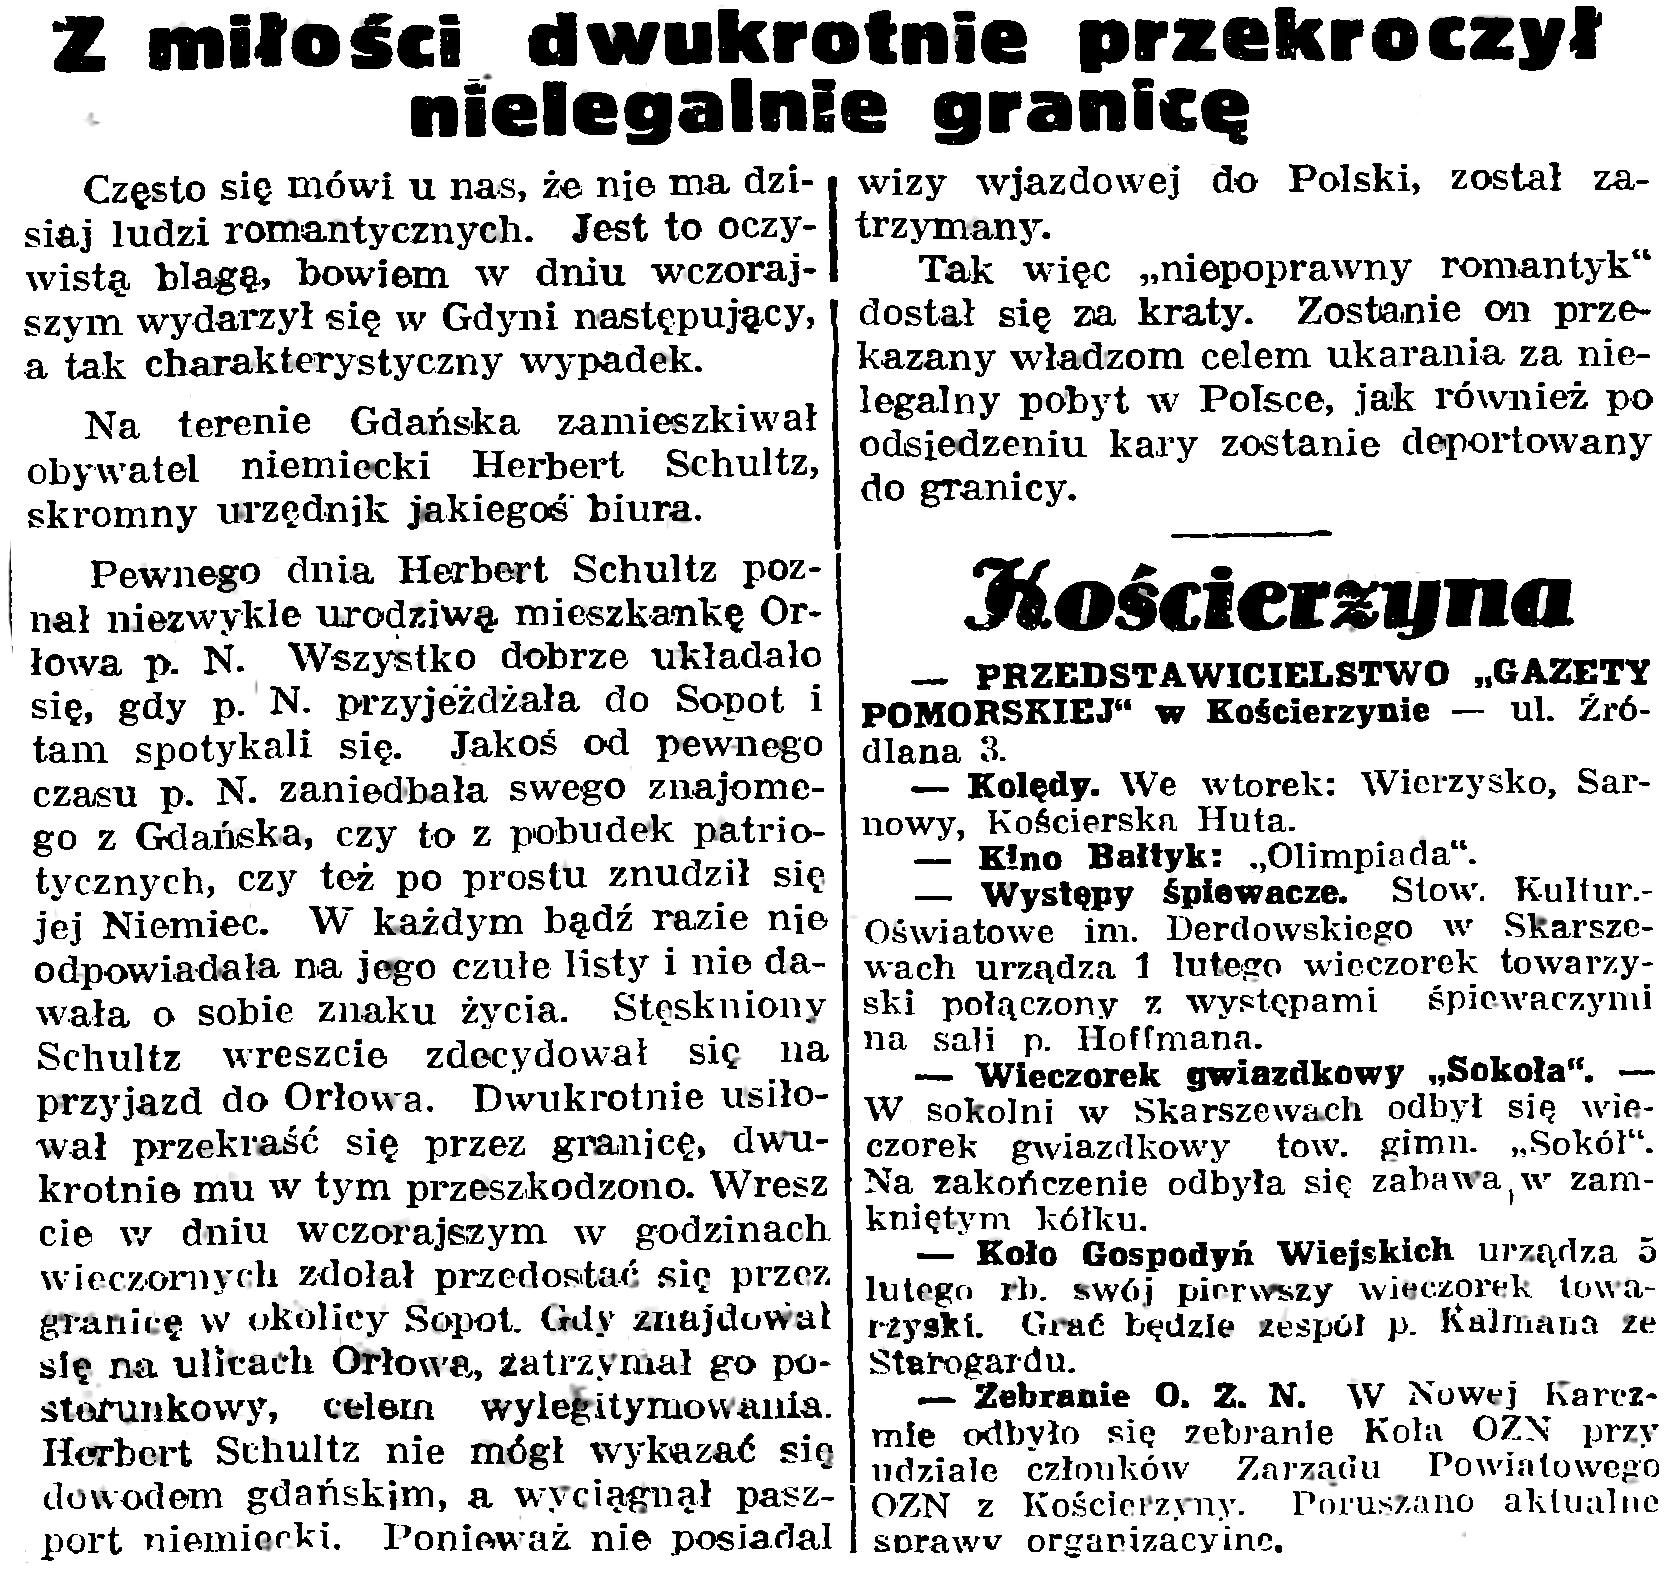 Z miłości dwukrotnie przekroczył nielegalnie przekroczył granicę // Gazeta Gdańska. - 1939, nr 20, s. 7